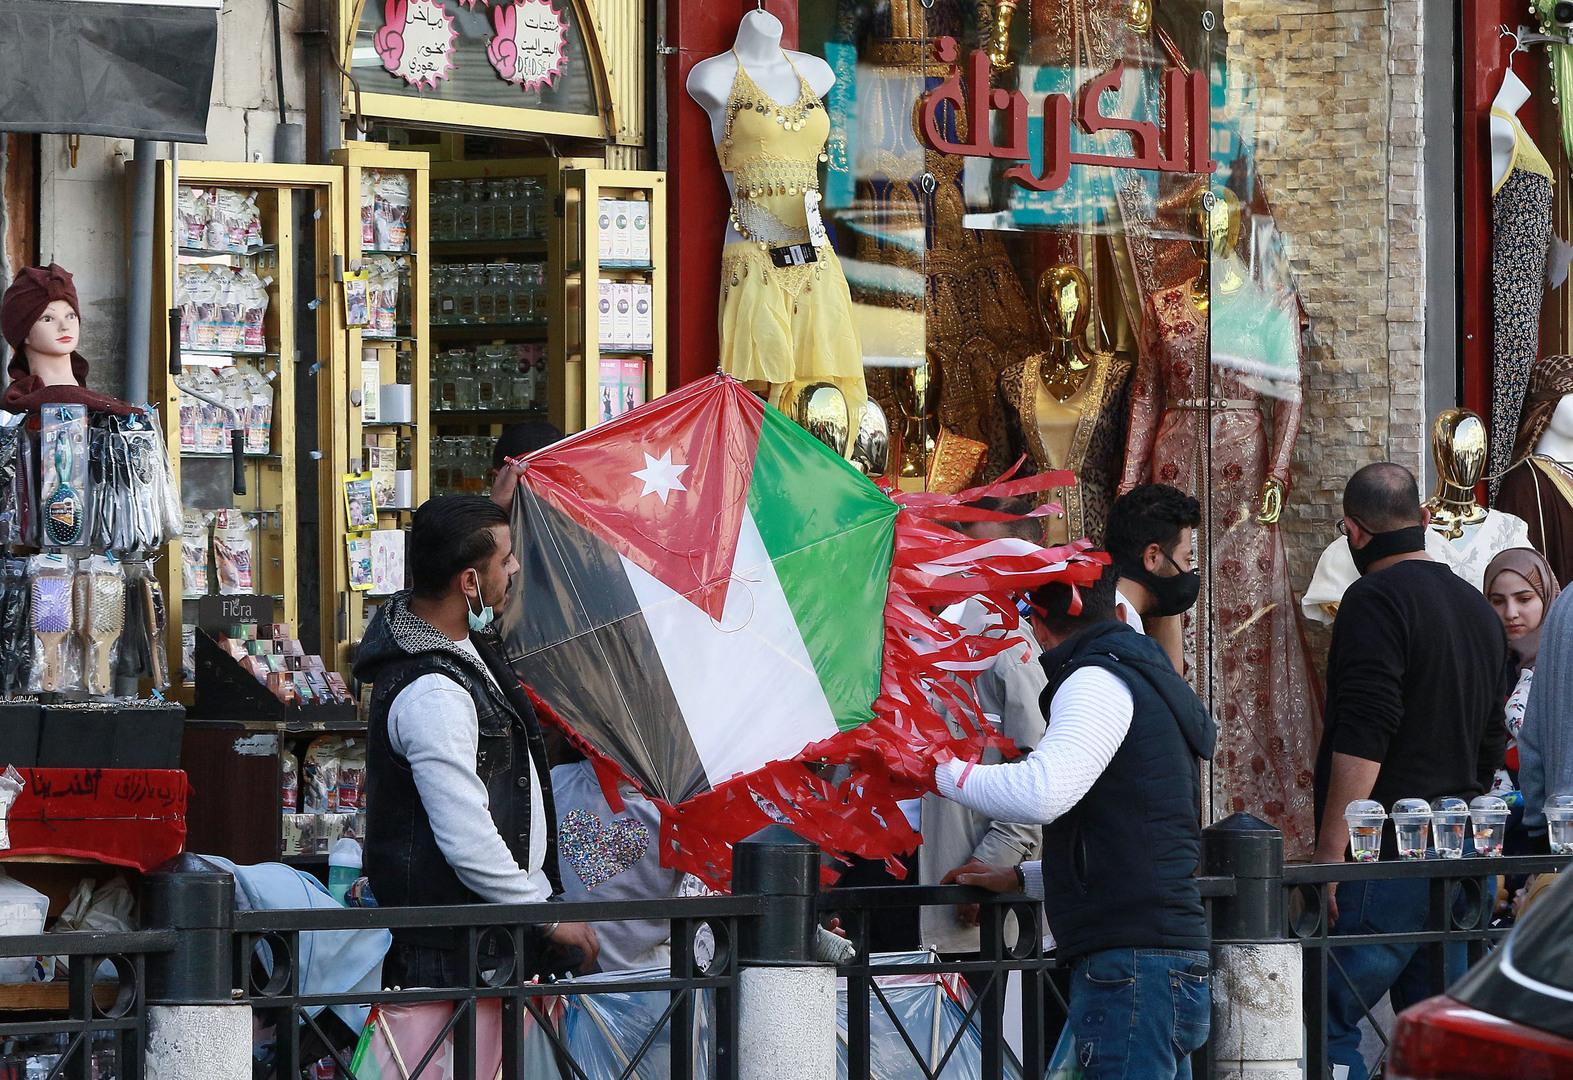 رئيس ديوان الخدمة المدنية الأردني: توجد 13 وظيفة قيادية شاغرة لأمناء عامين في البلاد